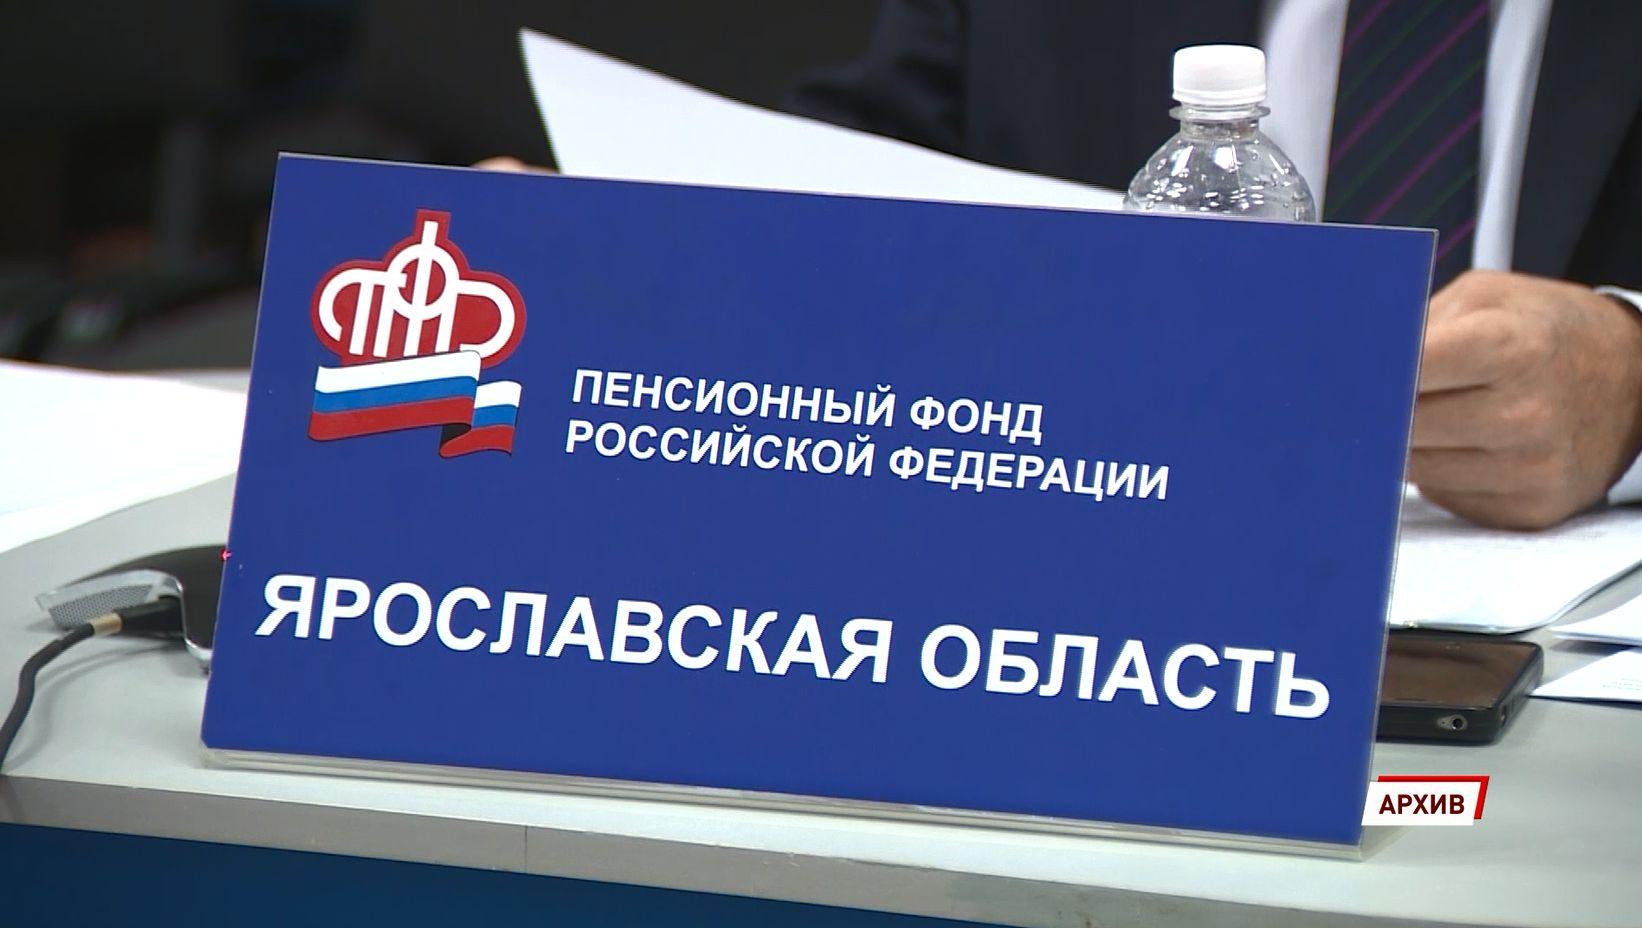 В Ярославле и области стартовало зачисление единовременной выплаты пожилым людям - согласно указу президента России Владимира Путина